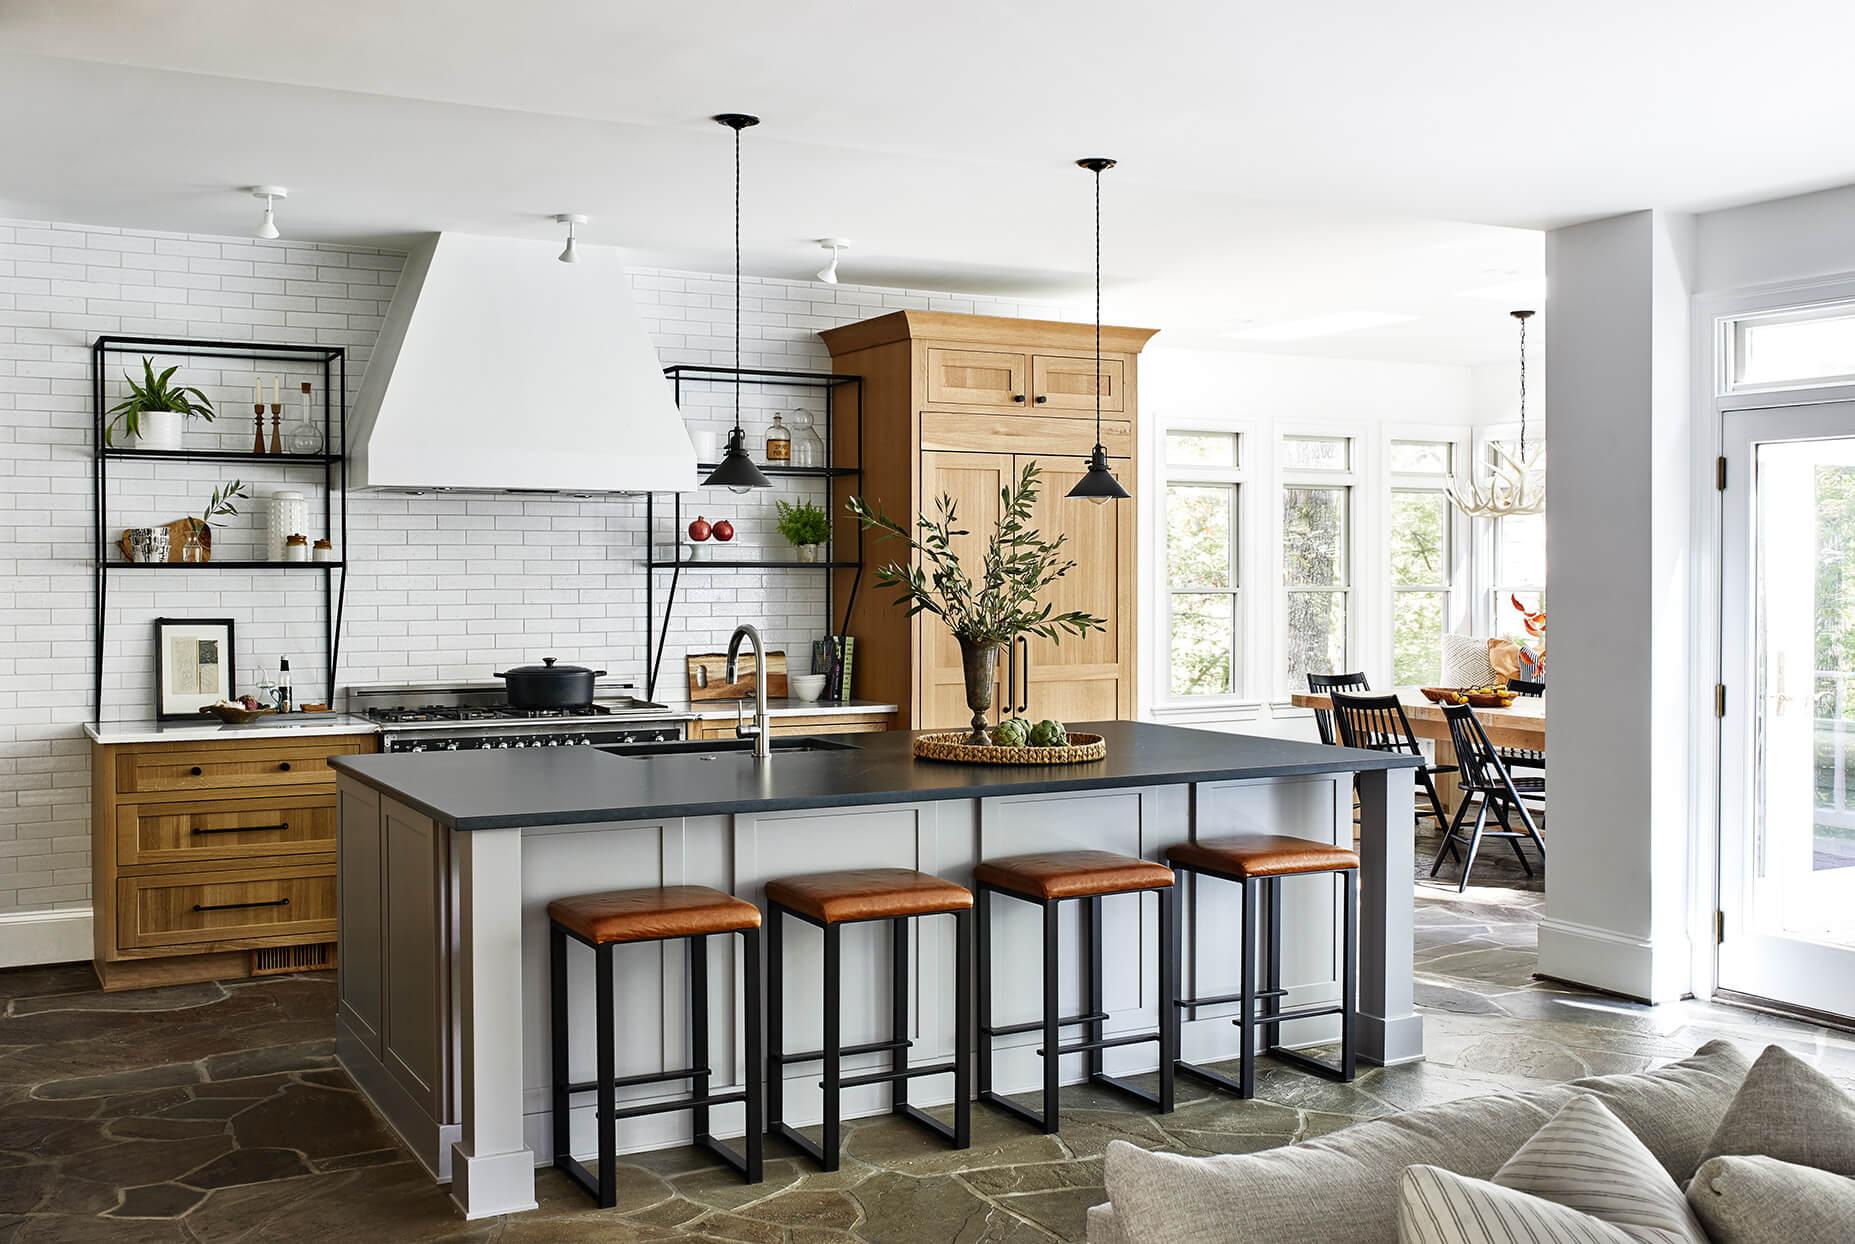 Best Kitchen Storage Ideas to get a well Organized Kitchen